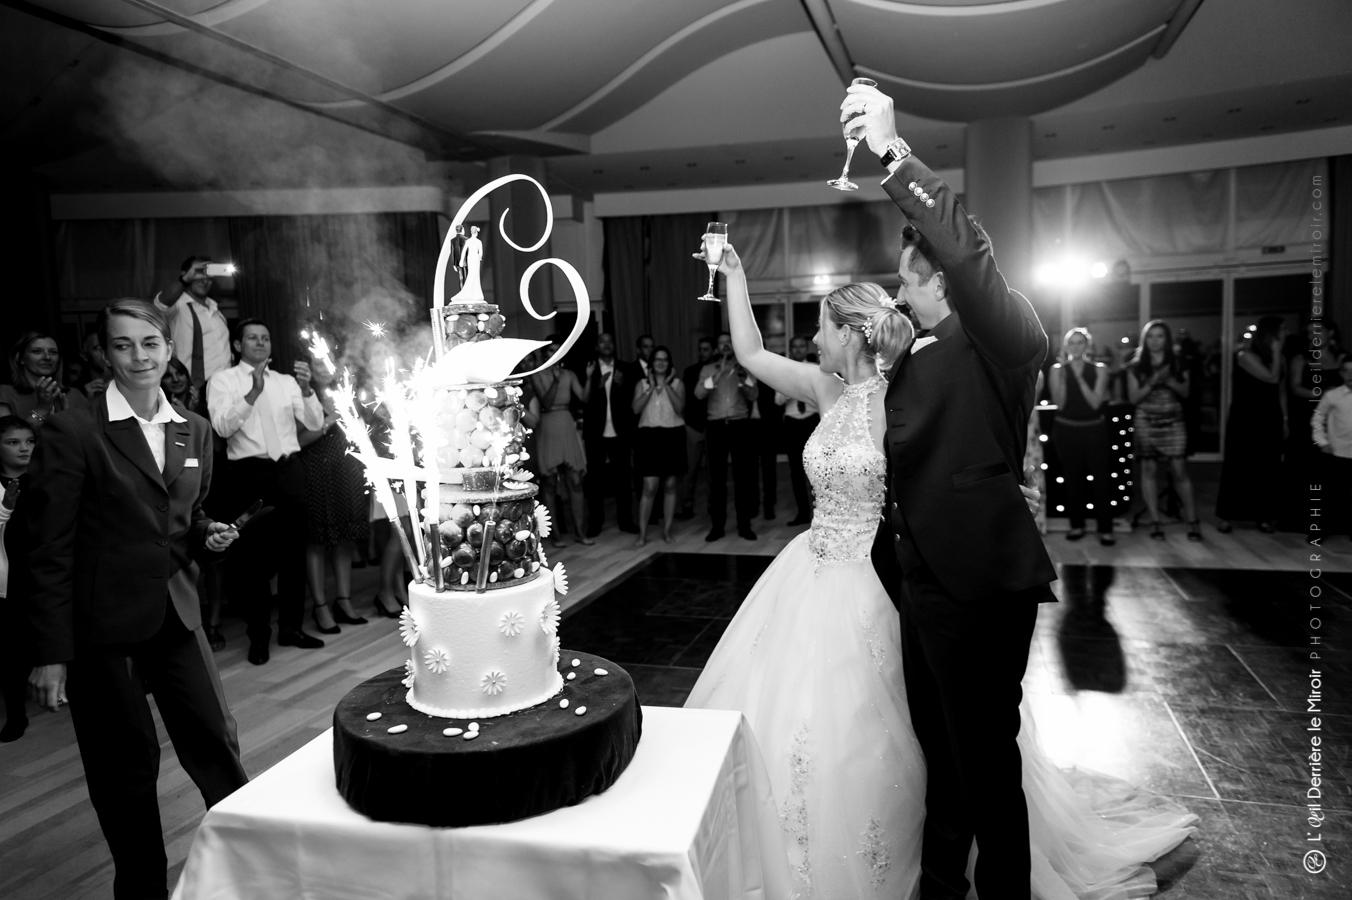 Photographe-mariage-monaco-loeilderrierelemiroir-119